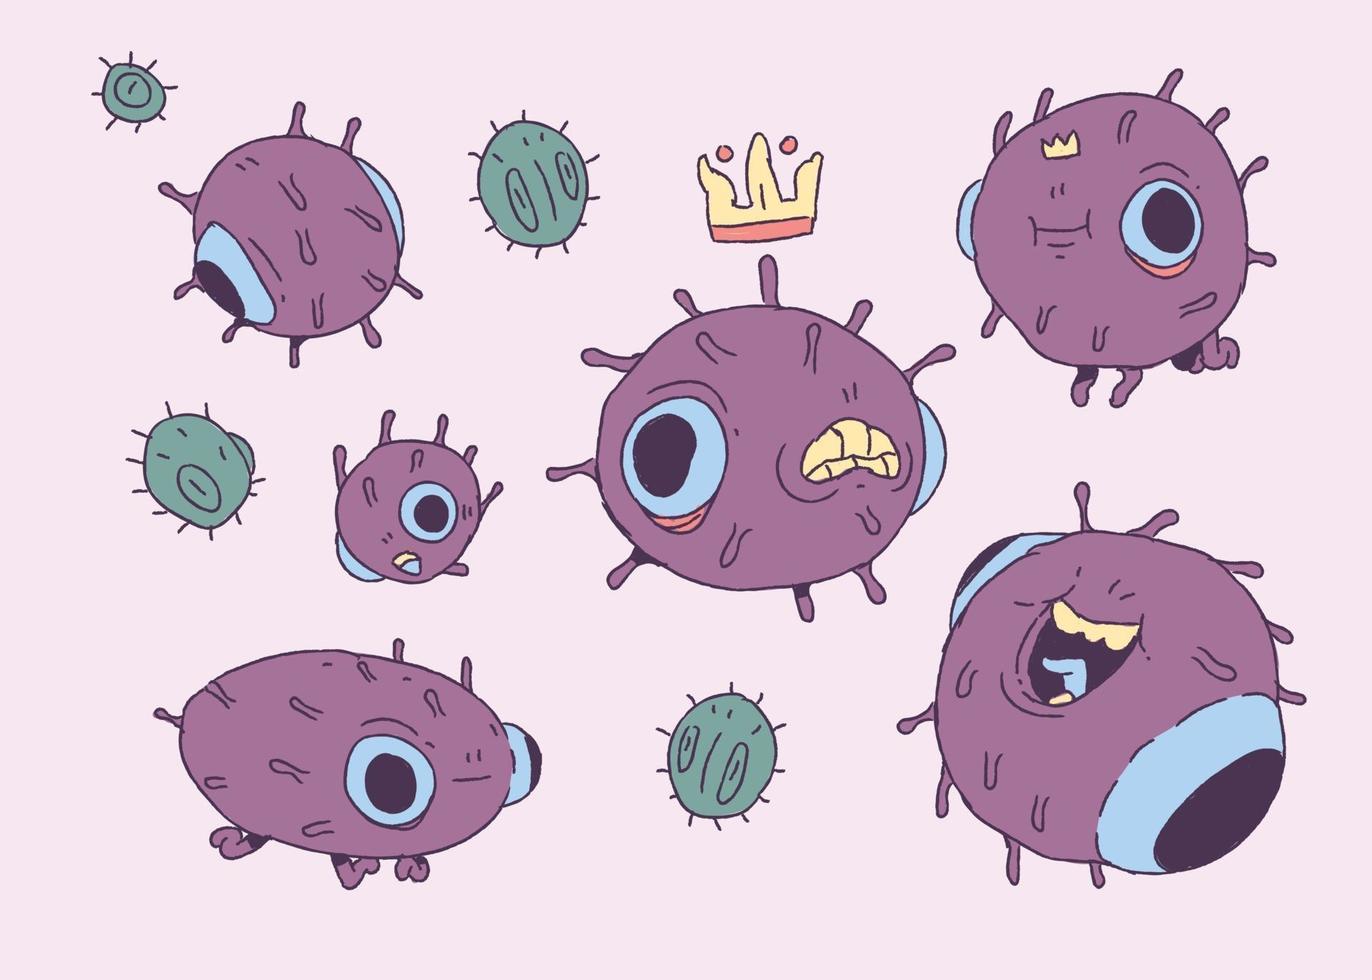 söt virus karaktär design hand stil doodle vektorillustration vektor